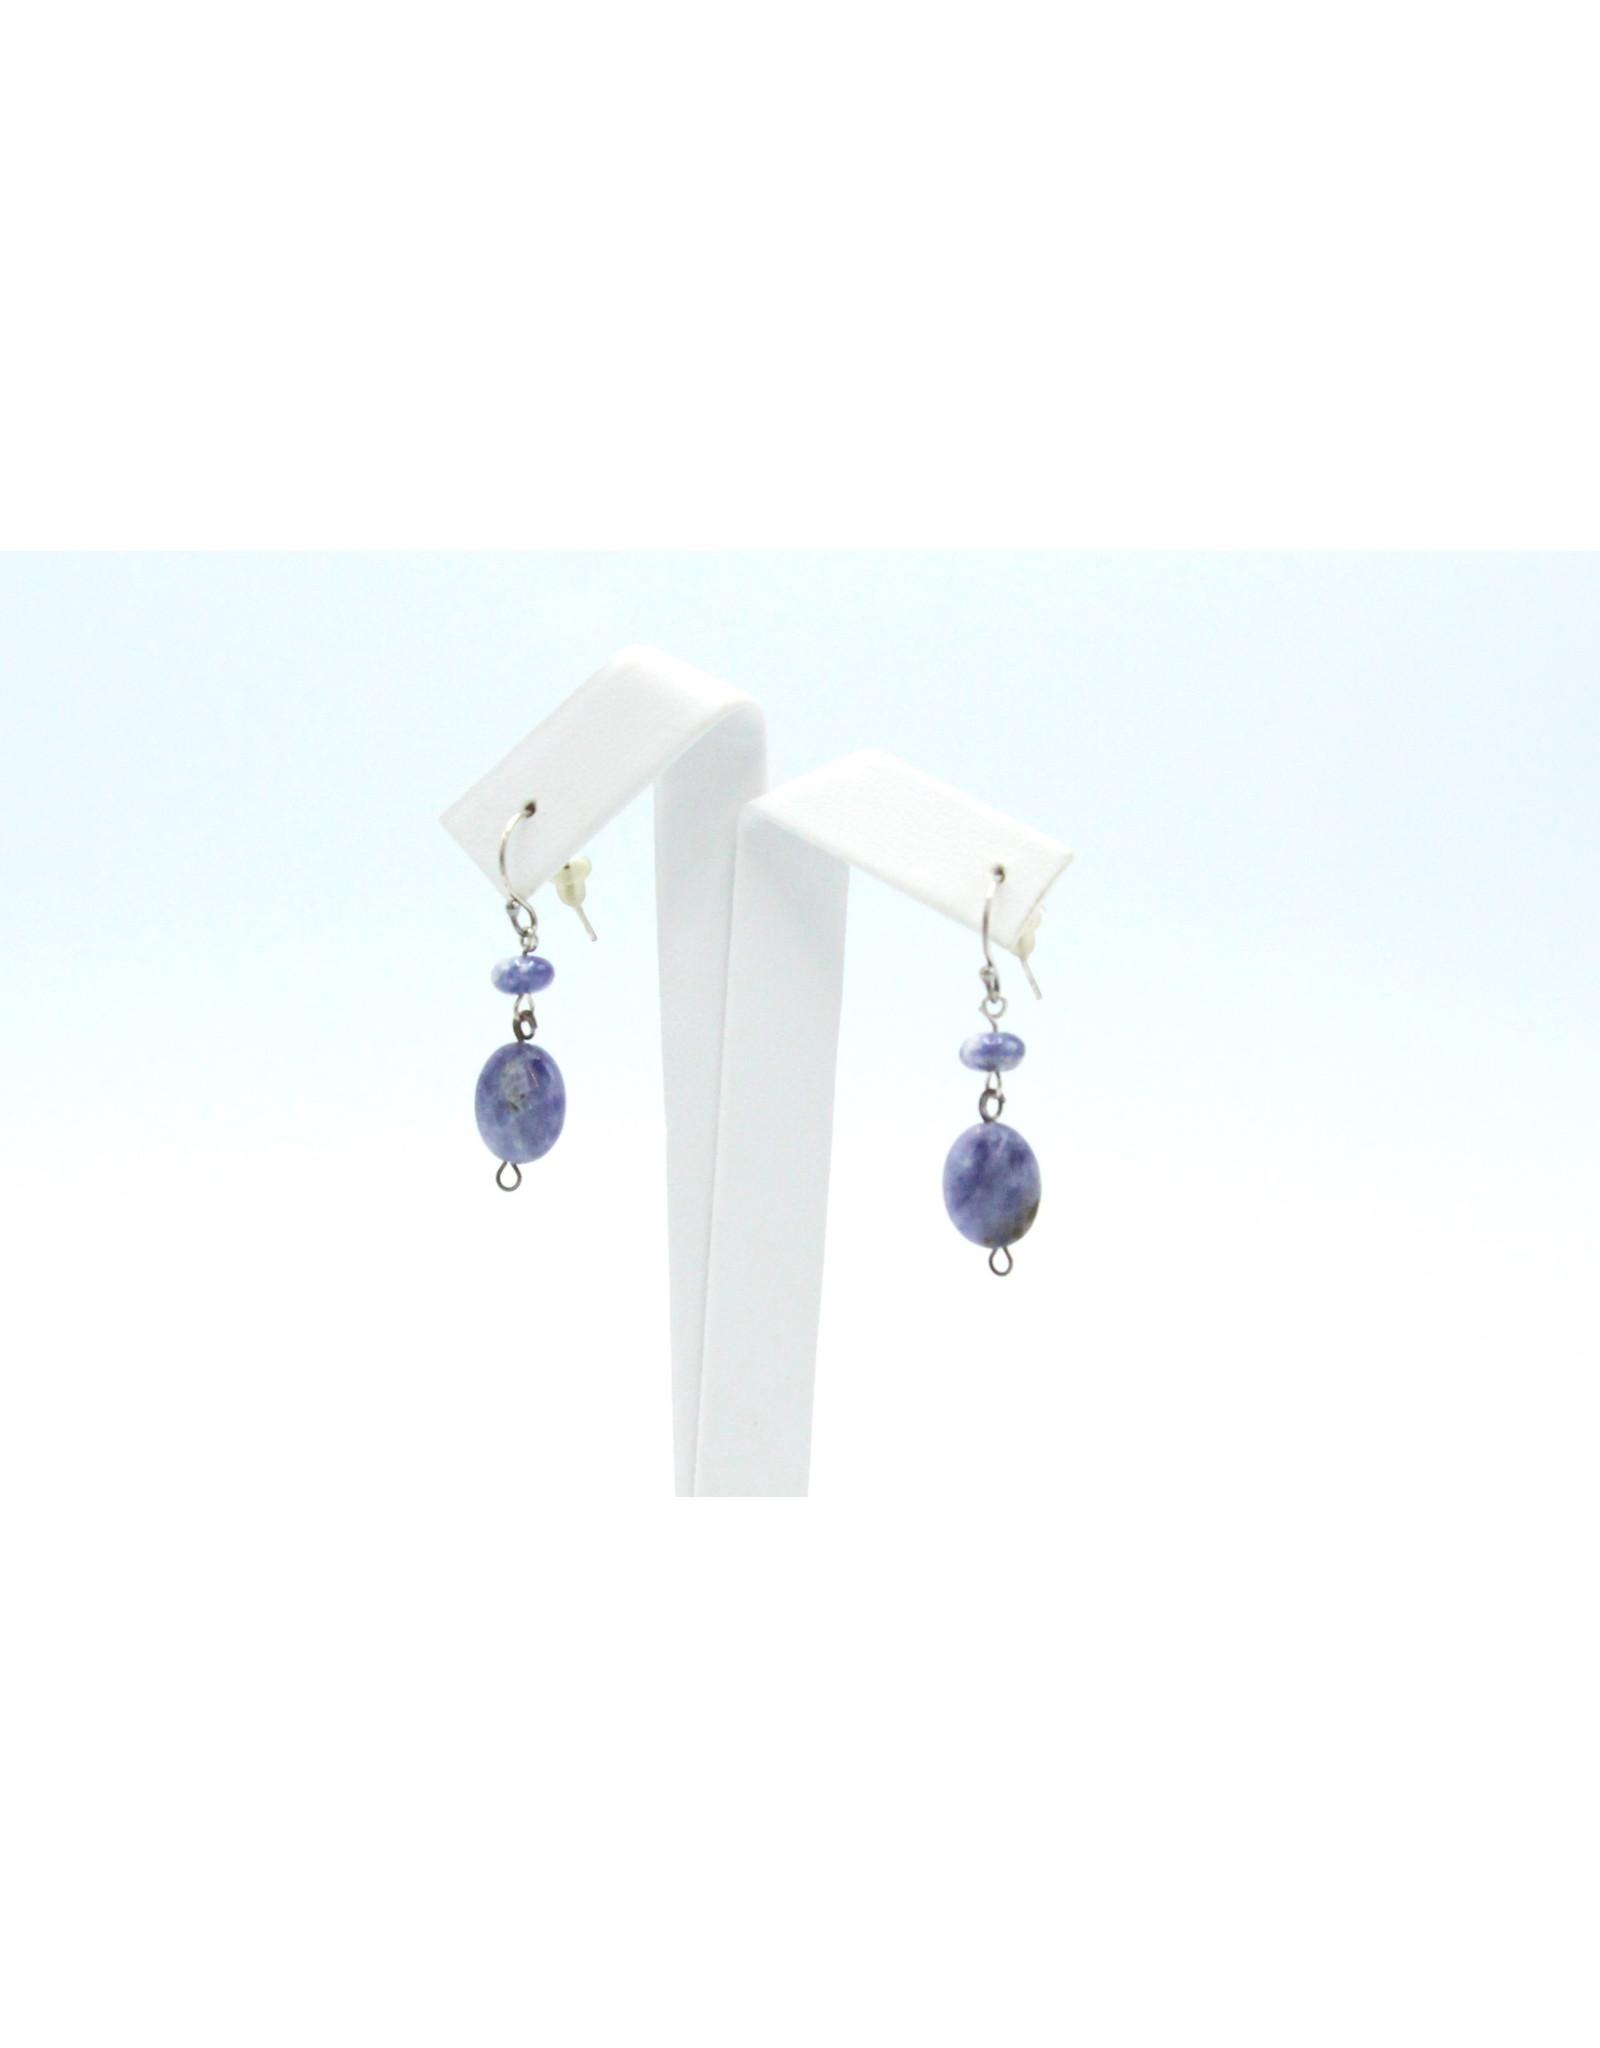 Scapolite Earrings - ES09